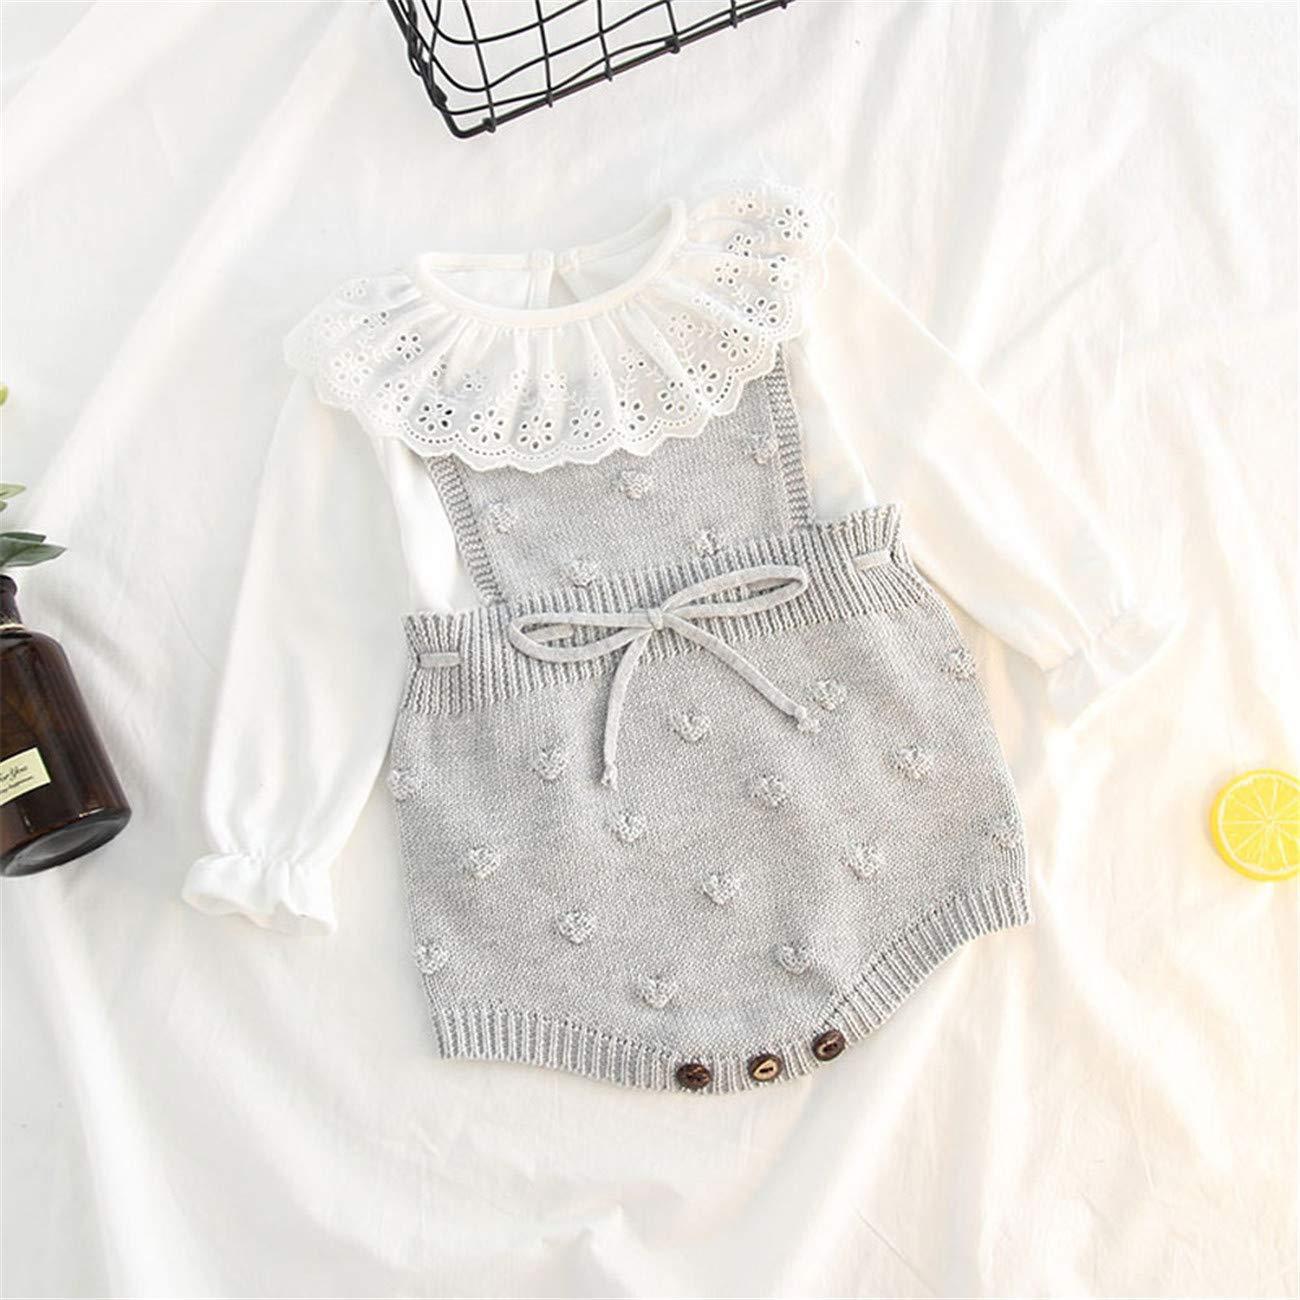 HCFKJ Ropa Bebe NiñA Invierno NiñO Manga Larga Camisetas Beb Conjuntos Moda Baby Boy NiñA De Punto Mameluco Body Overoles Ropa De Ganchillo: Amazon.es: Ropa ...